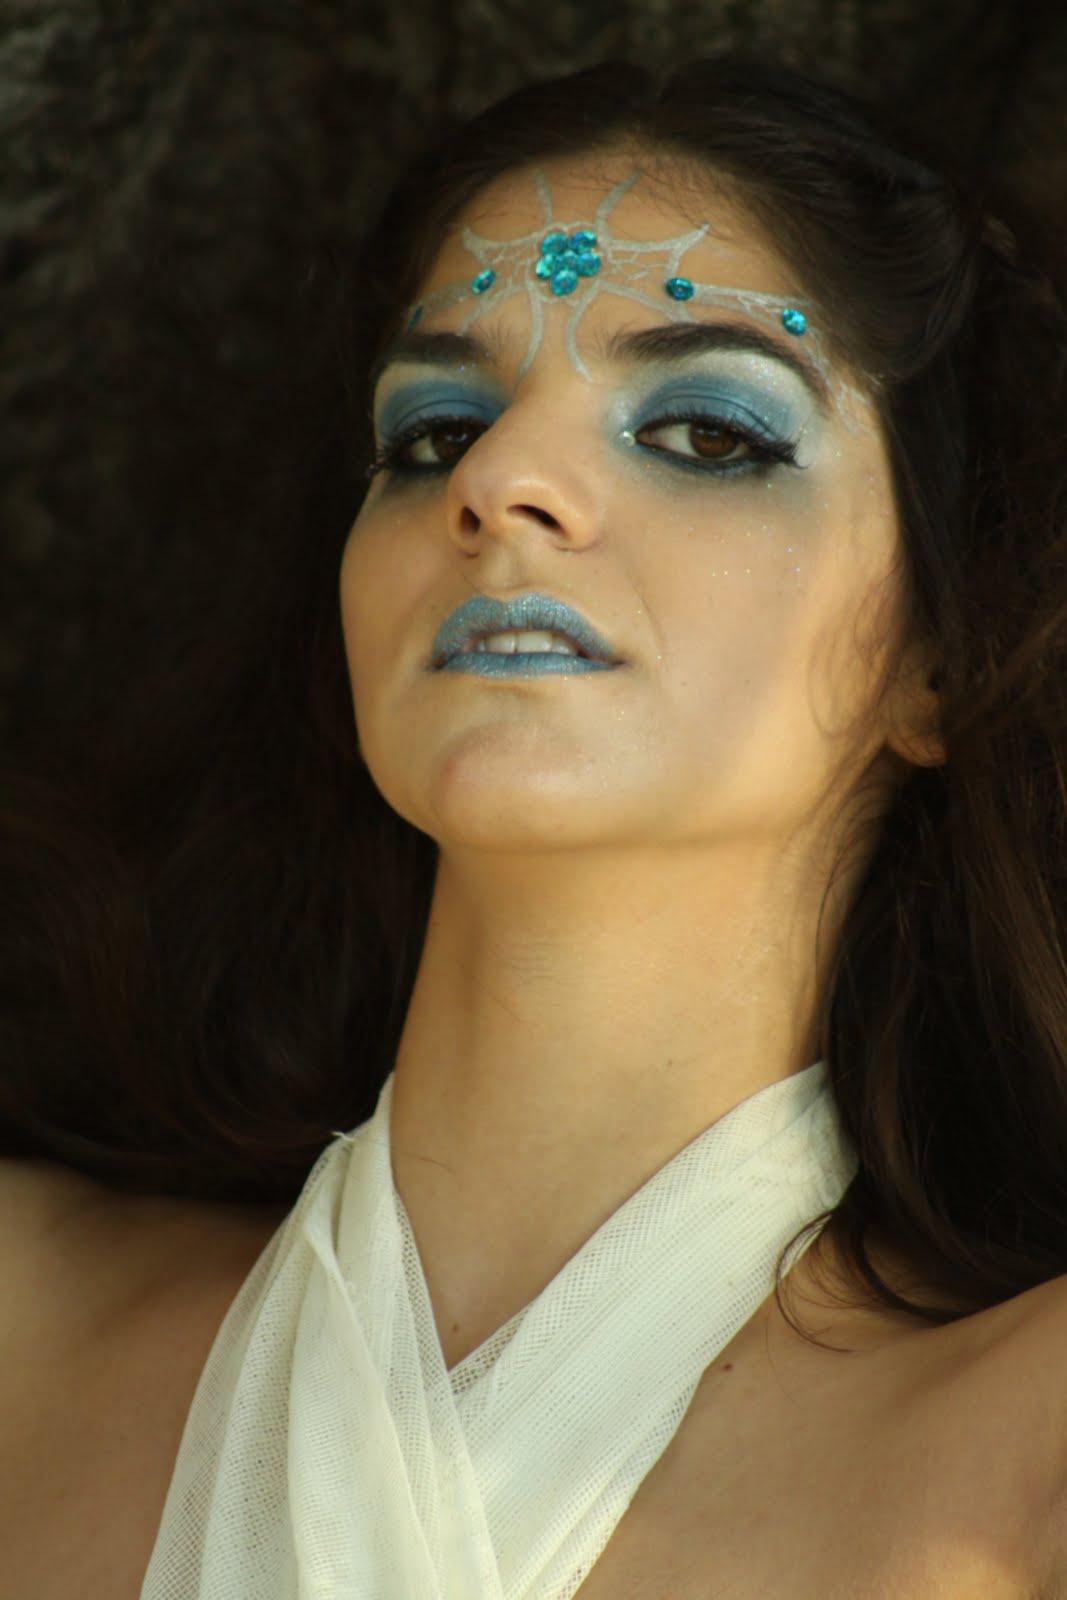 Donna bella arte y belleza estudio de maquillaje ninfas - Estudio de maquillaje ...